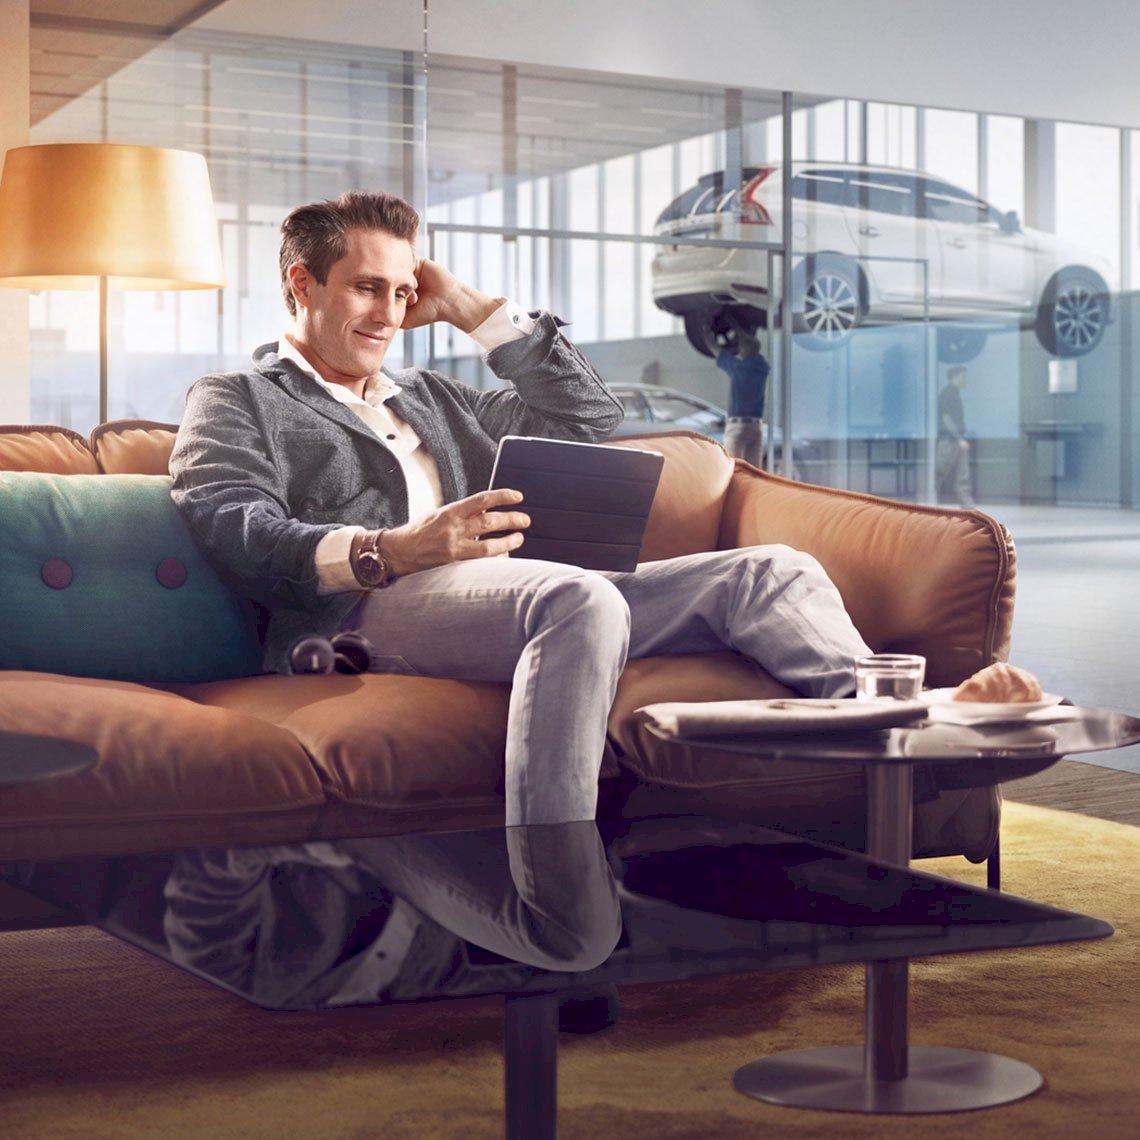 Volvo_Loungebereich_Wartezeit_VO_02391_processed.jpg